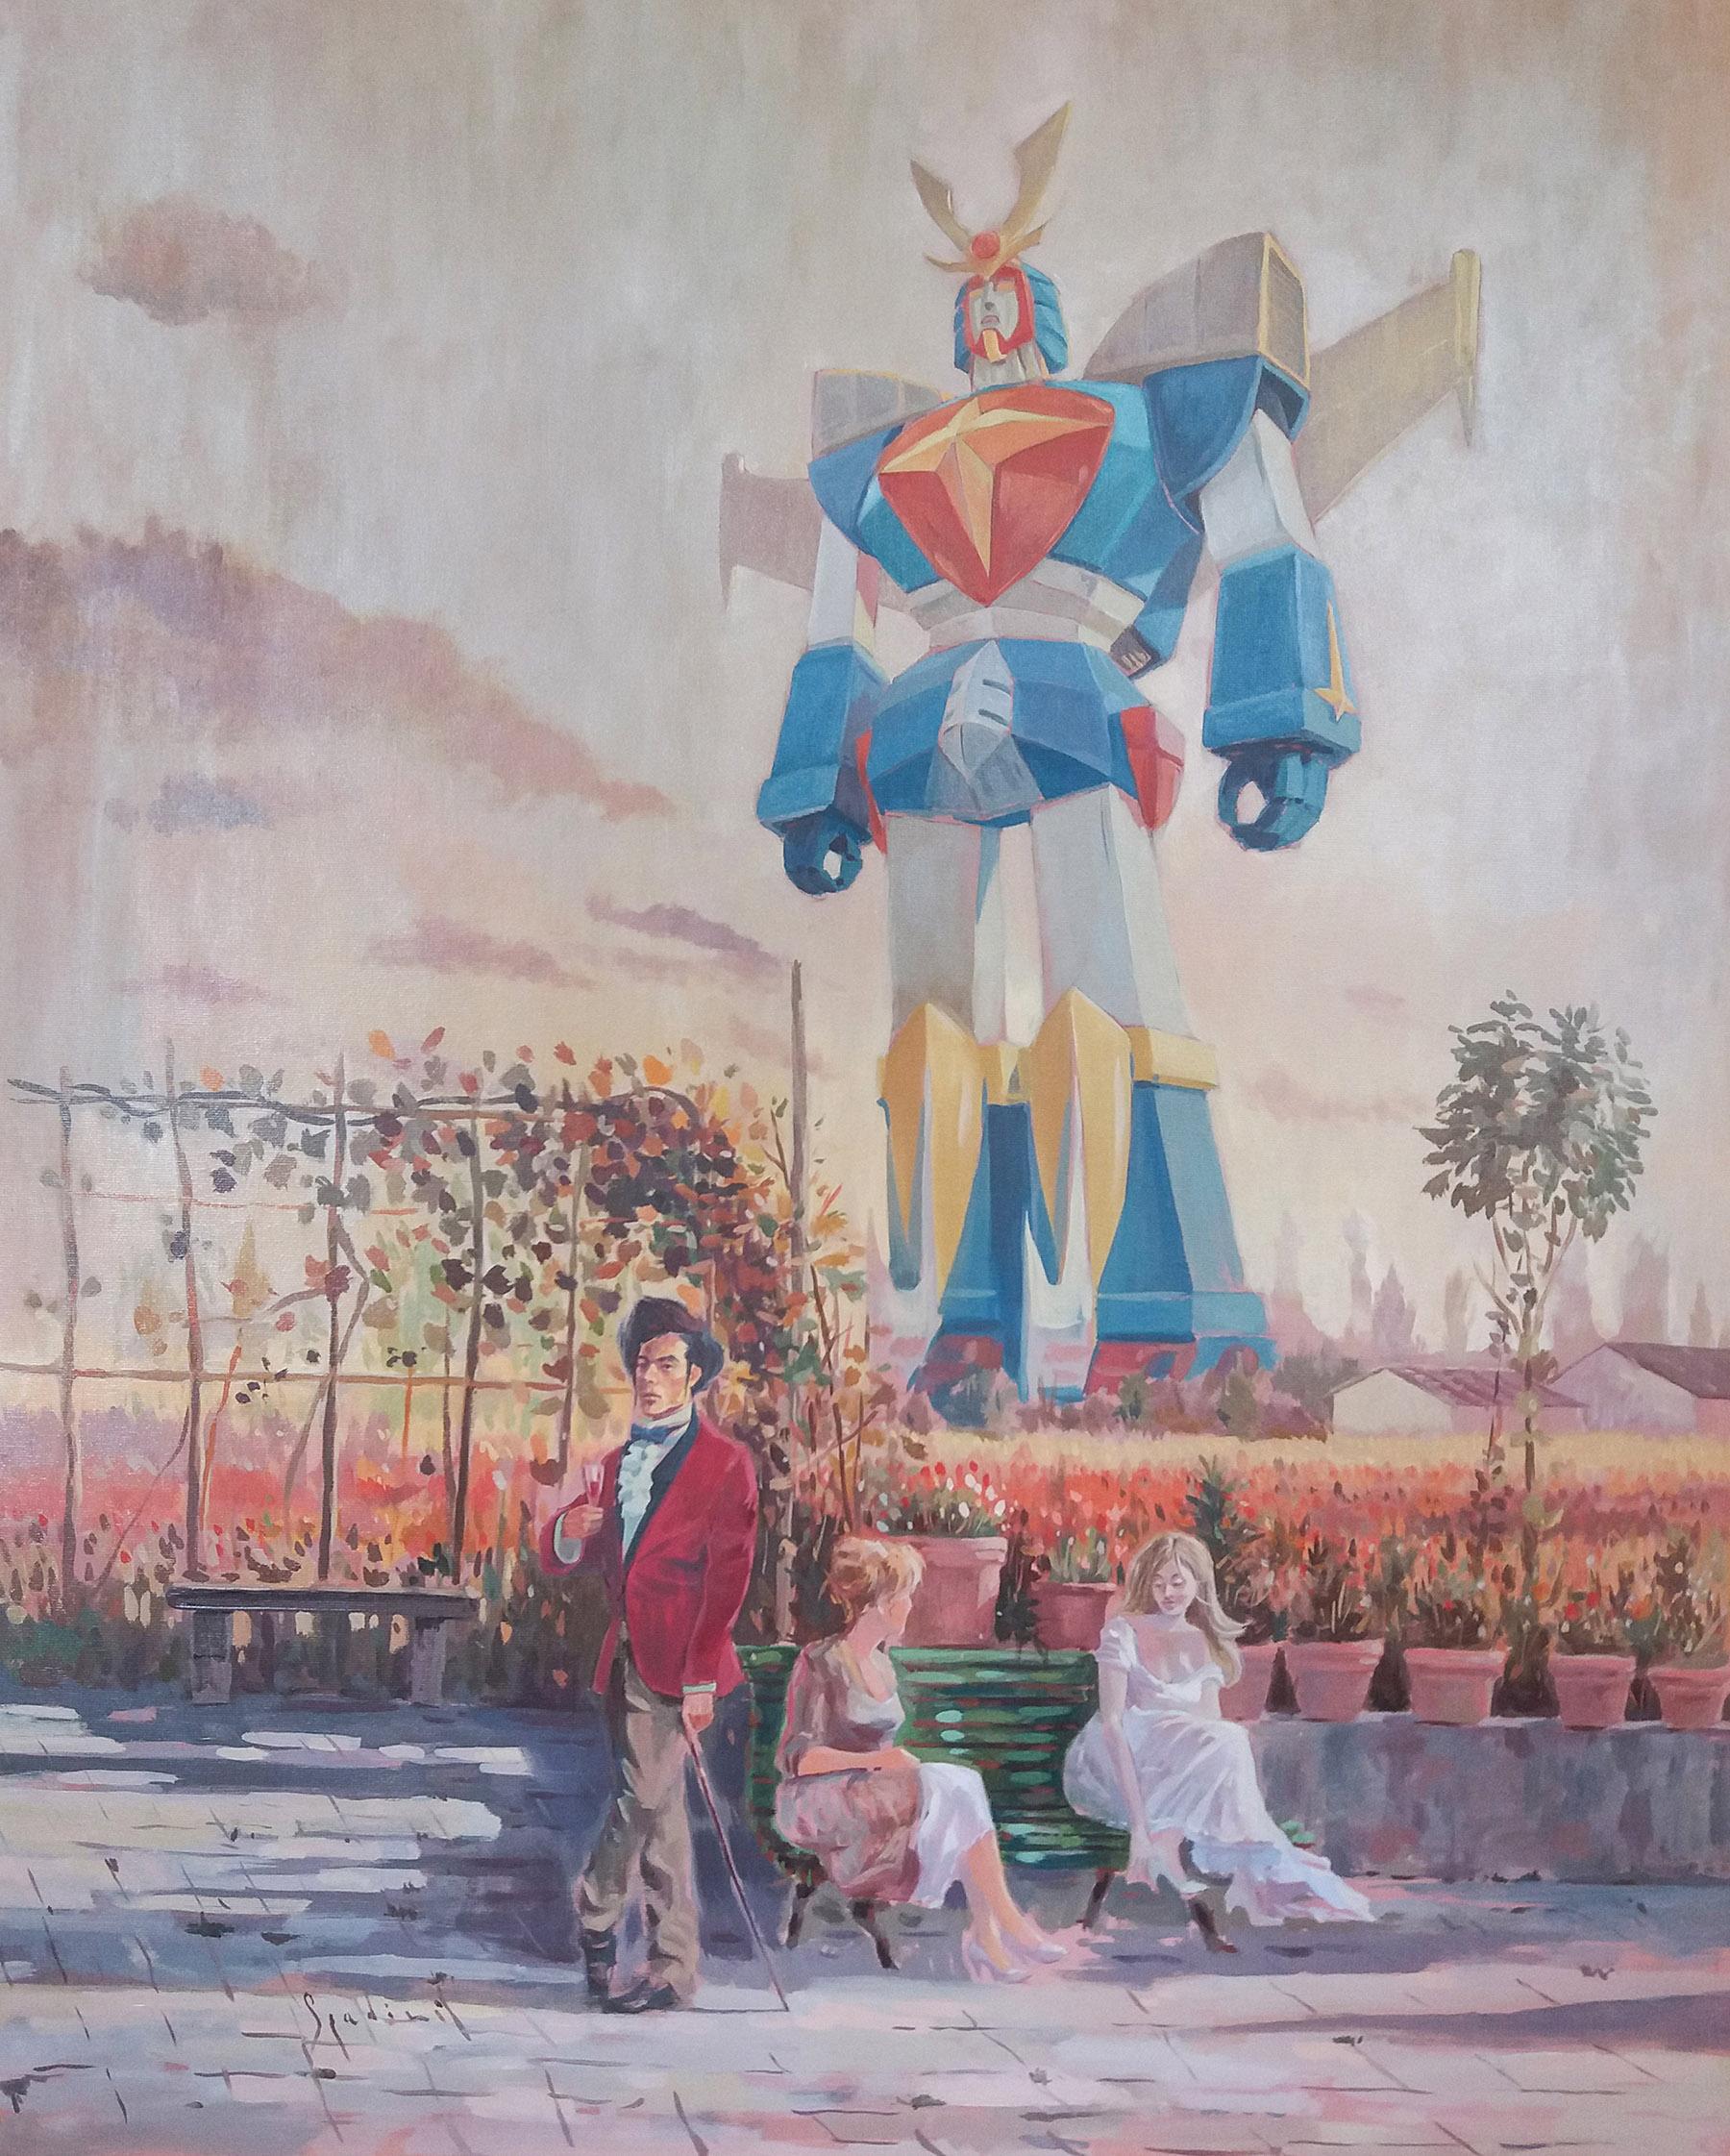 Futuro Anteriore, i Robot dipinti ad olio di Fabrizio Spadini | Collater.al